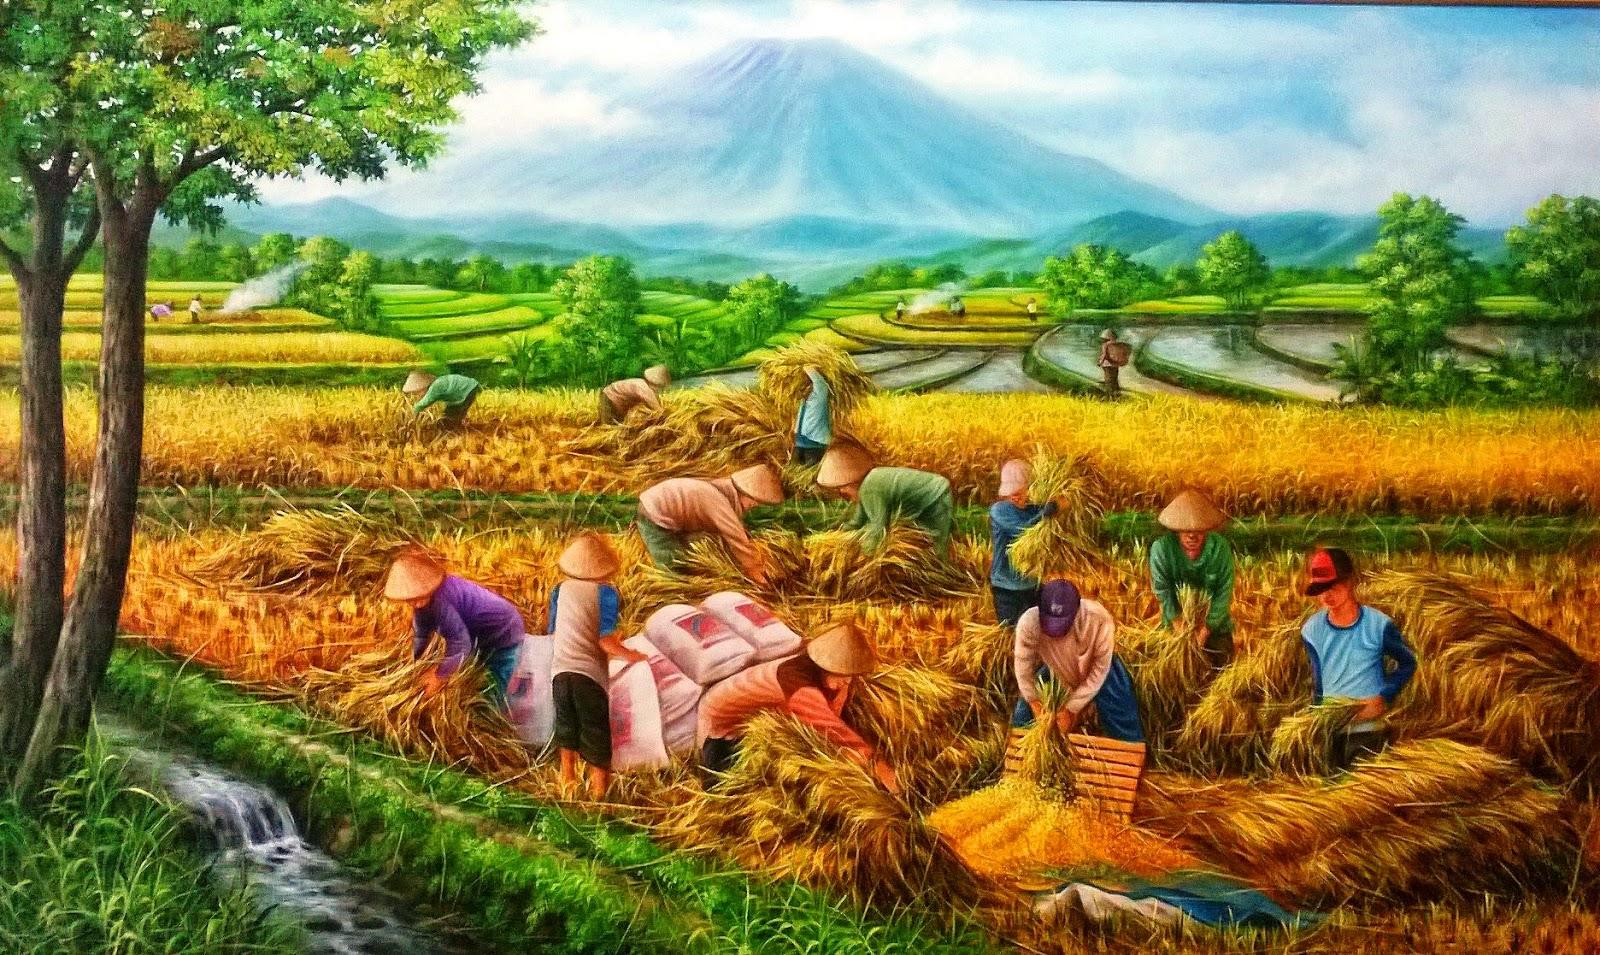 dunia lukisan javadesindo art gallery u0026gt u0026gt lukisan panen padi dengan pemandangan alam menghampar